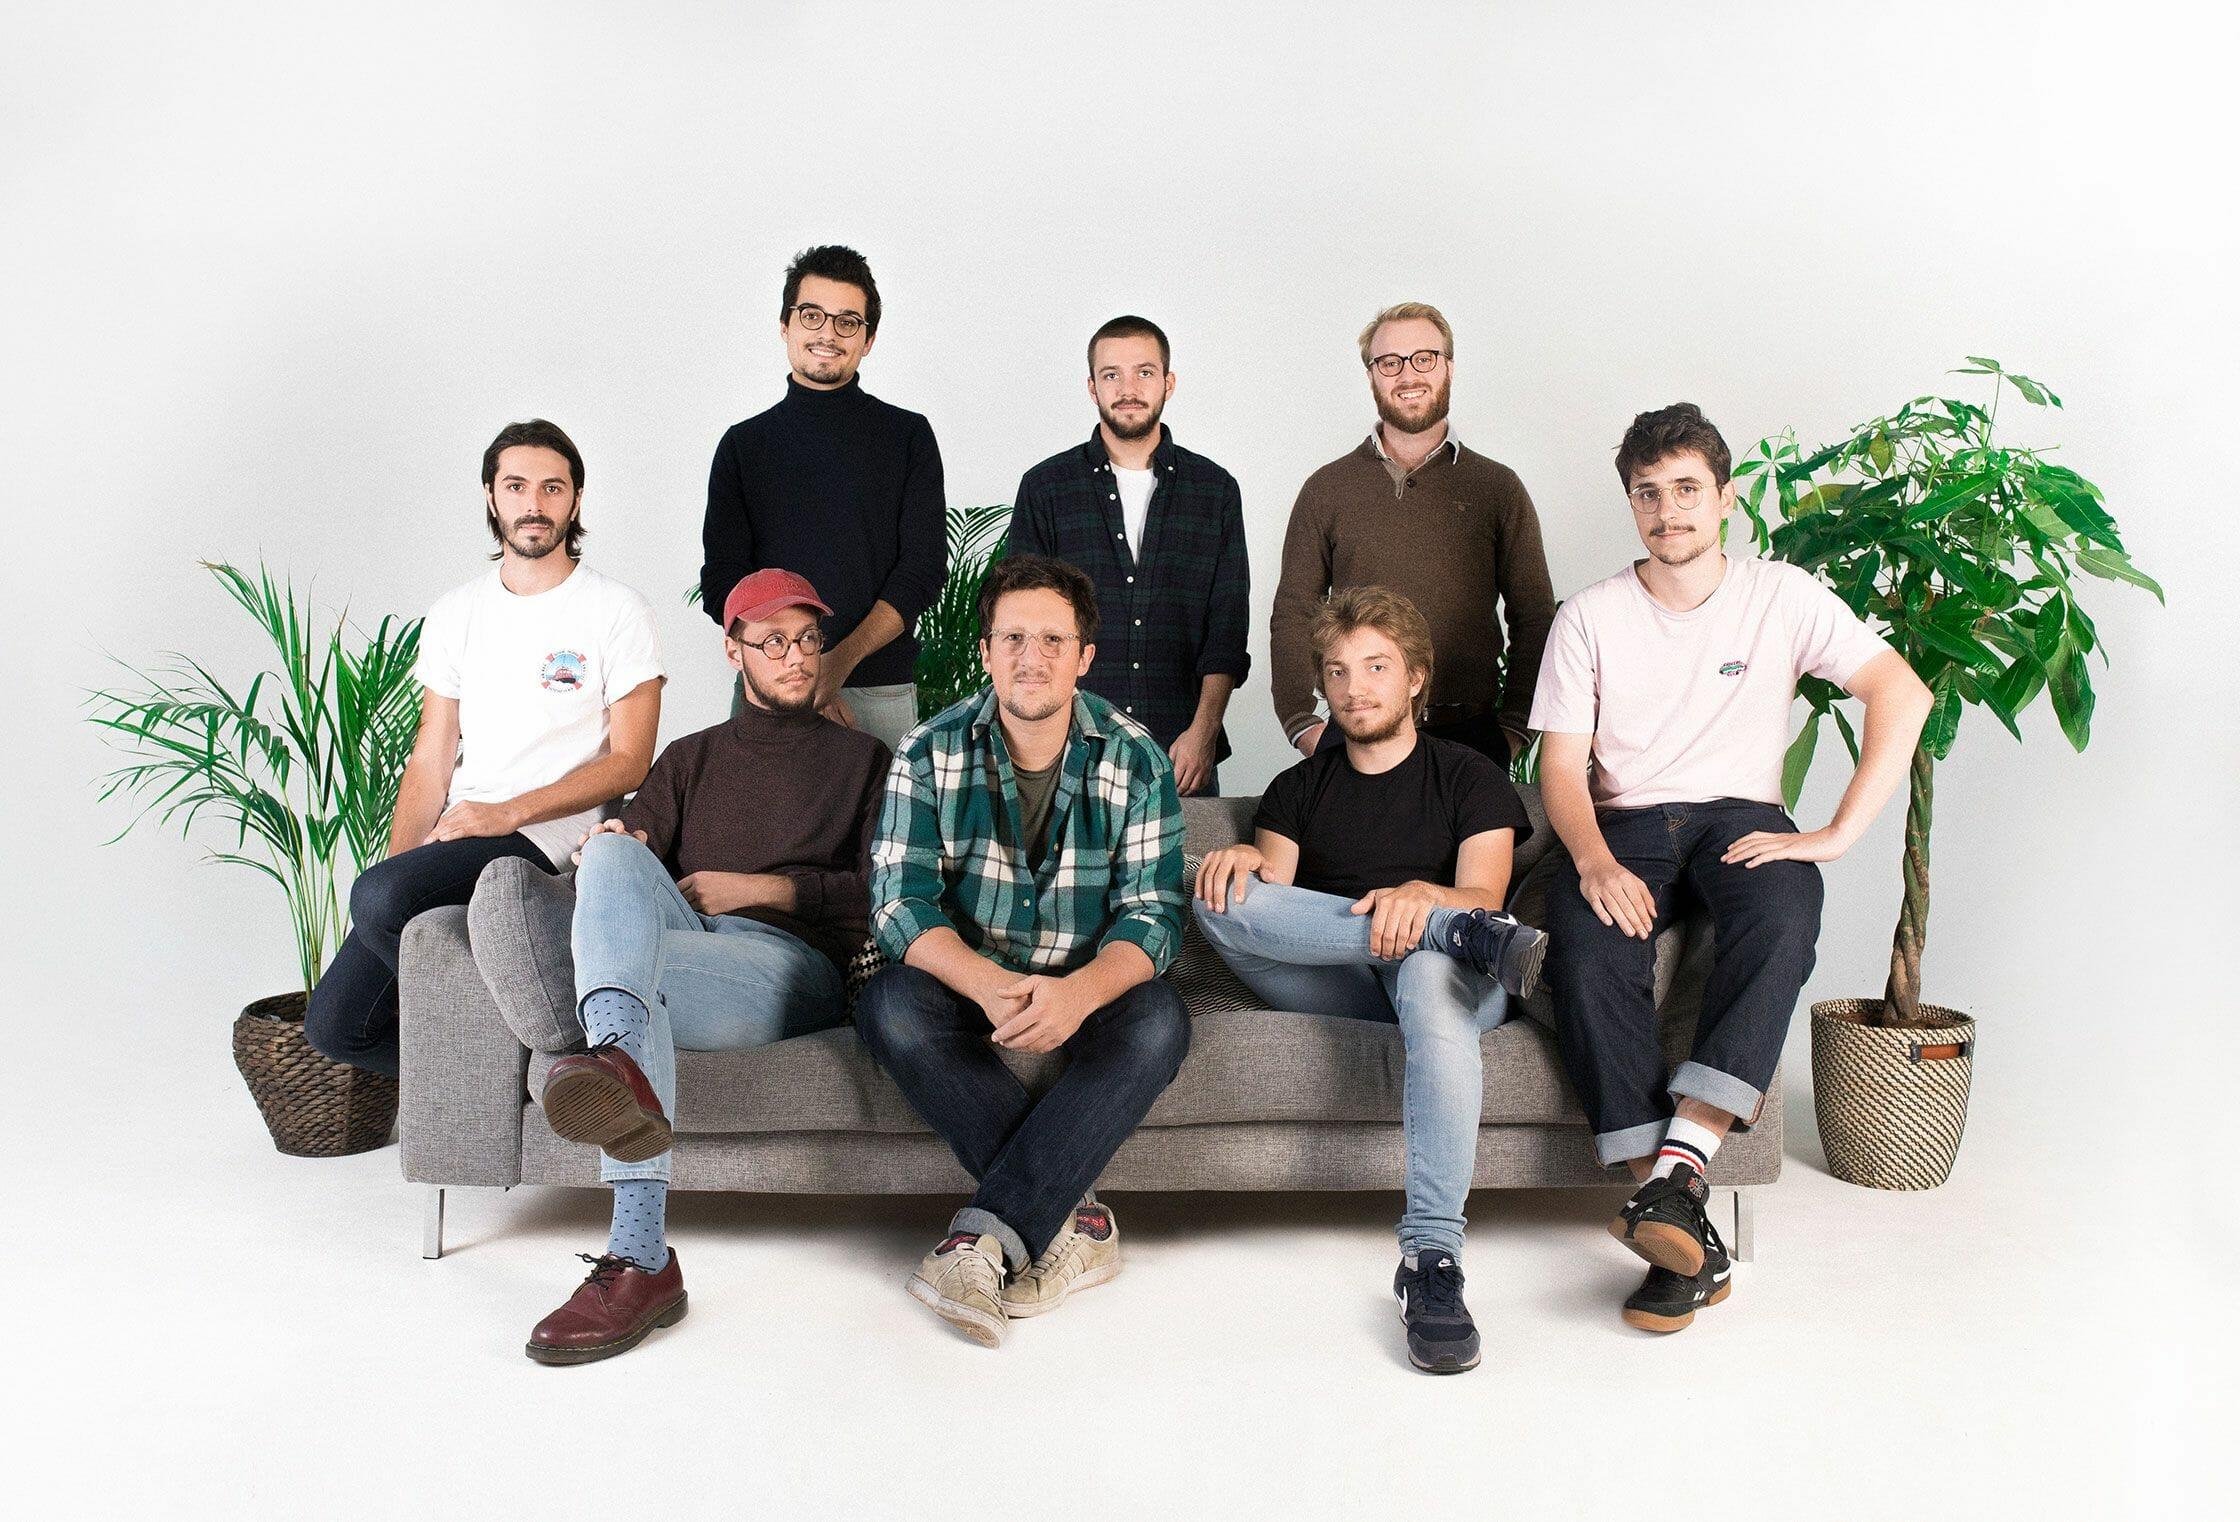 L'équipe créative Purée Maison au complet